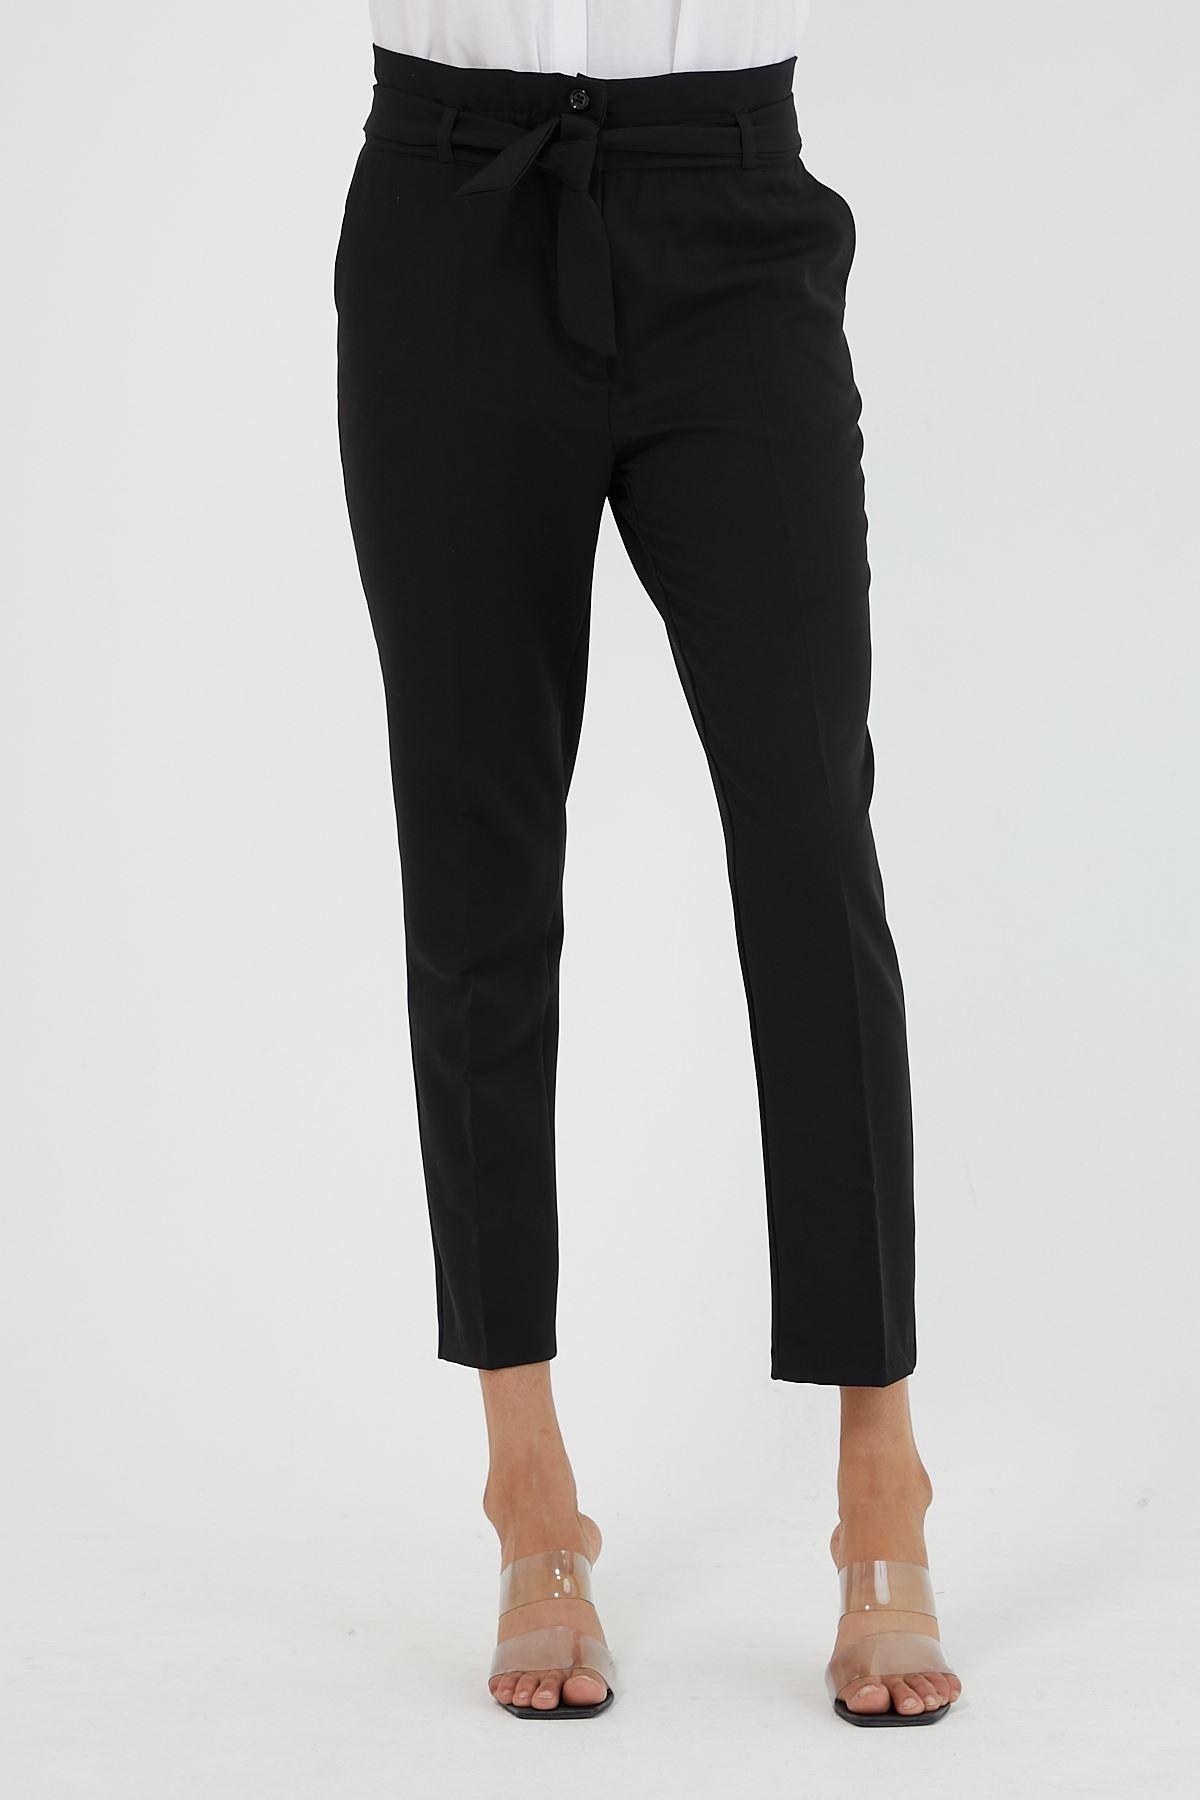 Kadın Bel Büzgülü Siyah Kumaş Pantolon